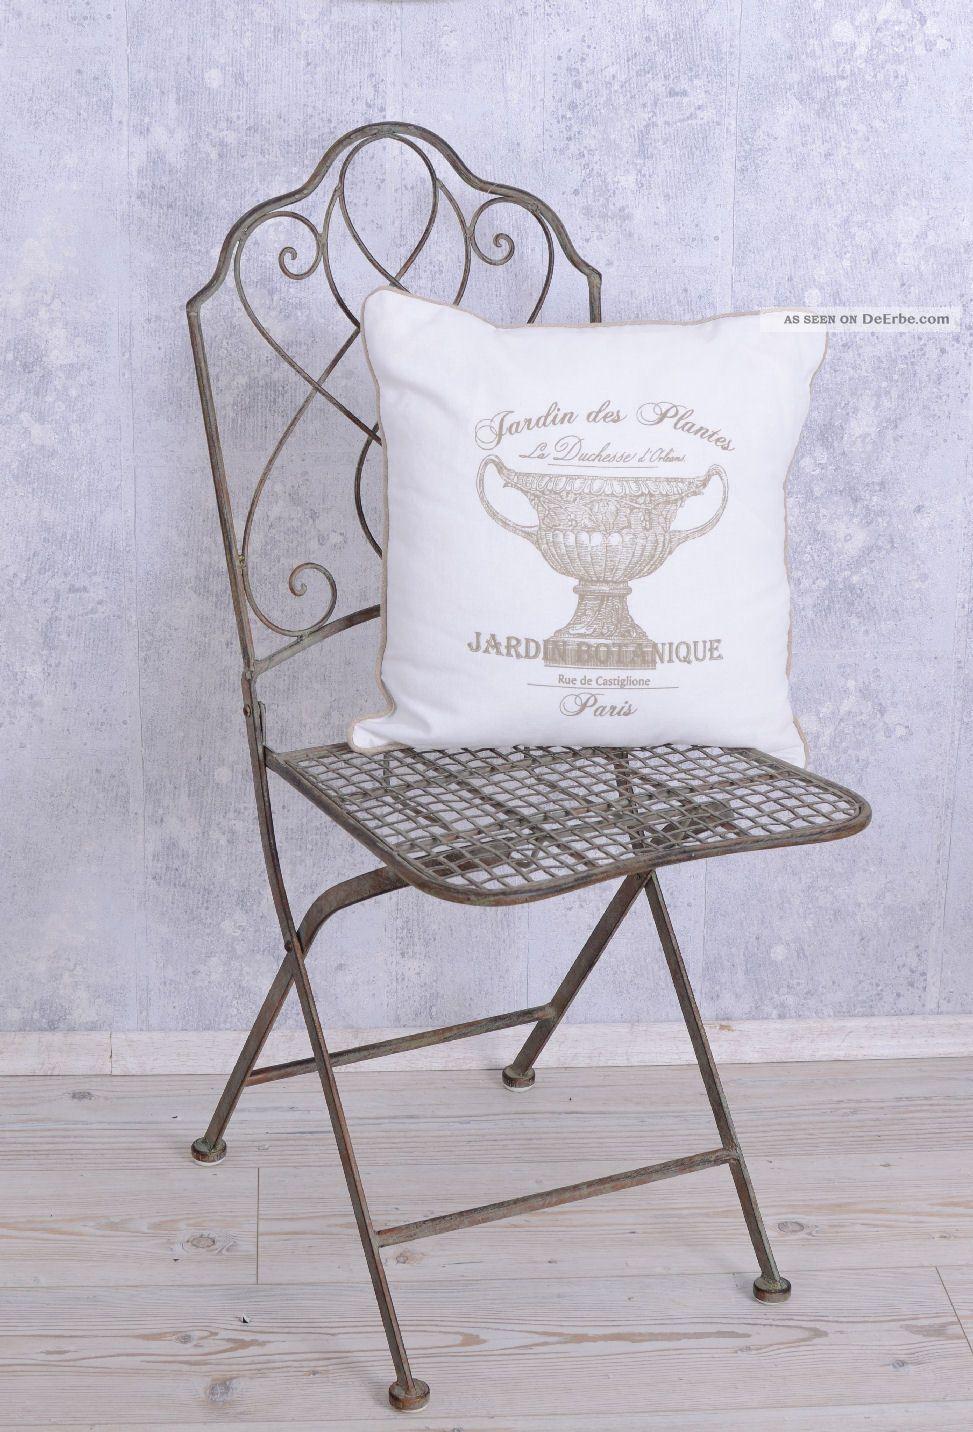 Eisenstuhl landhausstil garten stuhl gartenm bel antik for Stuhl design epochen